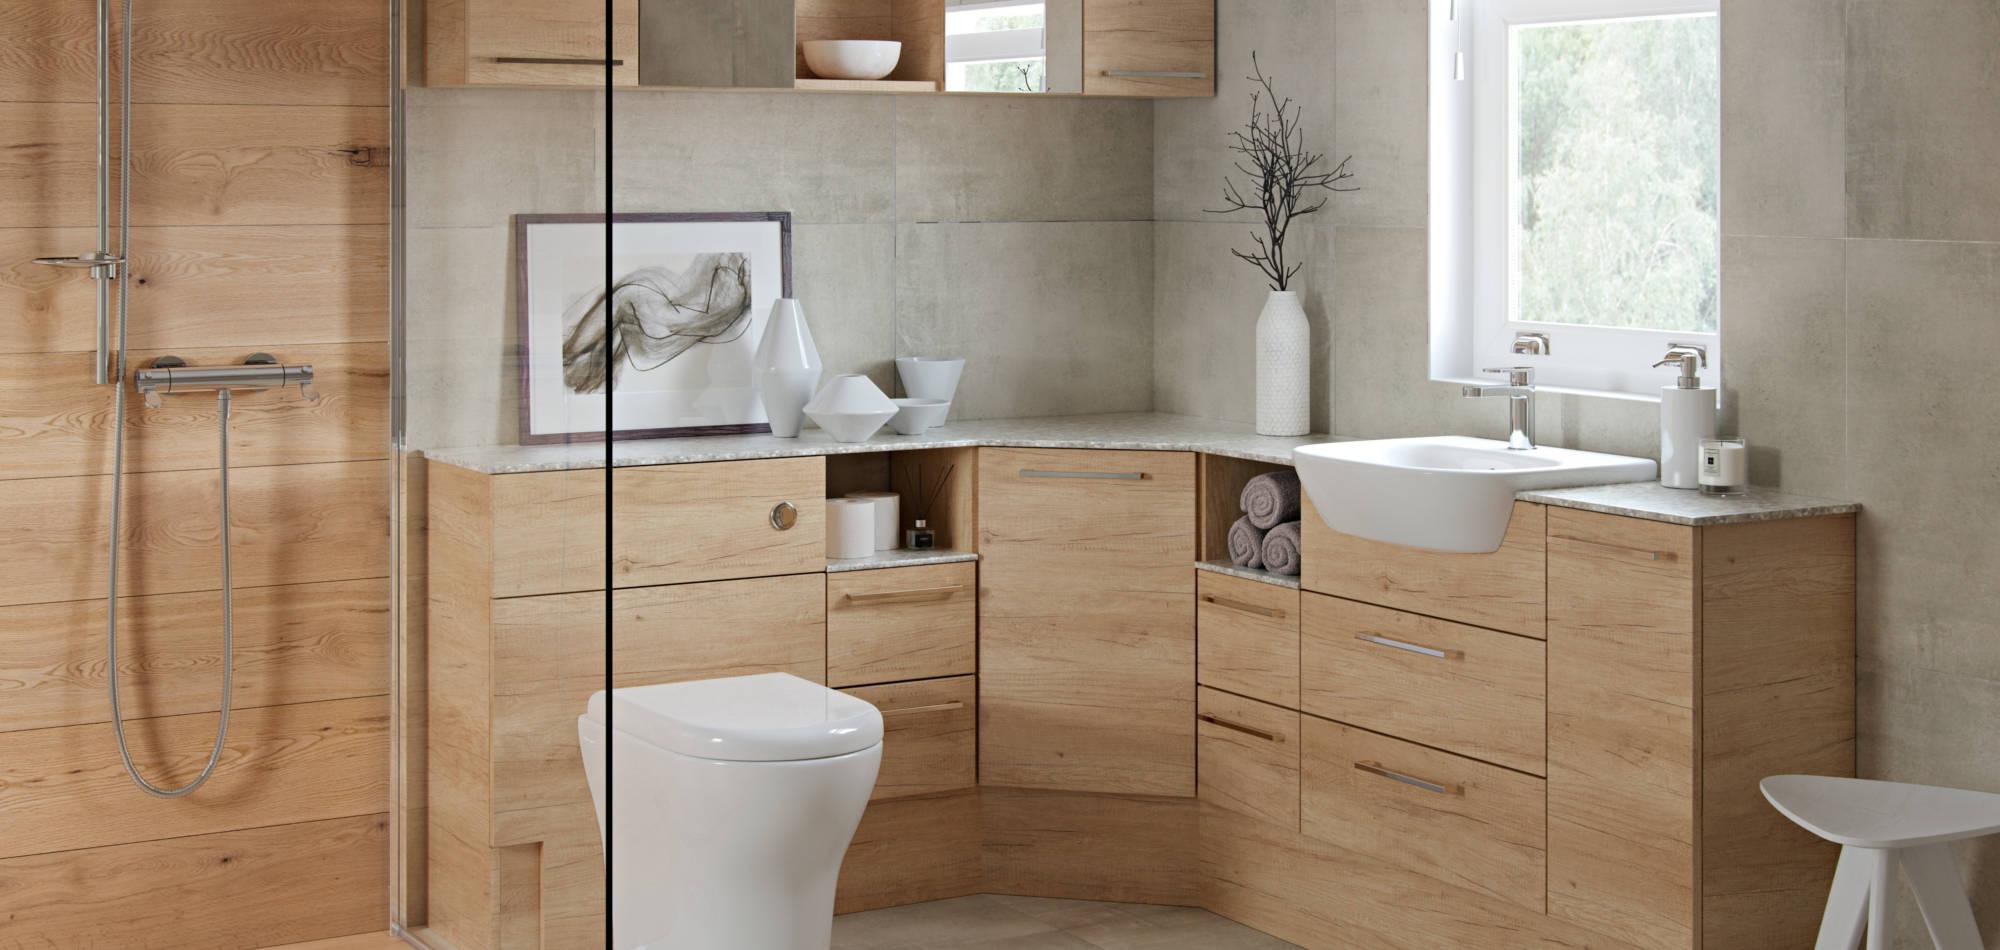 mereway bathrooms java willow oak a